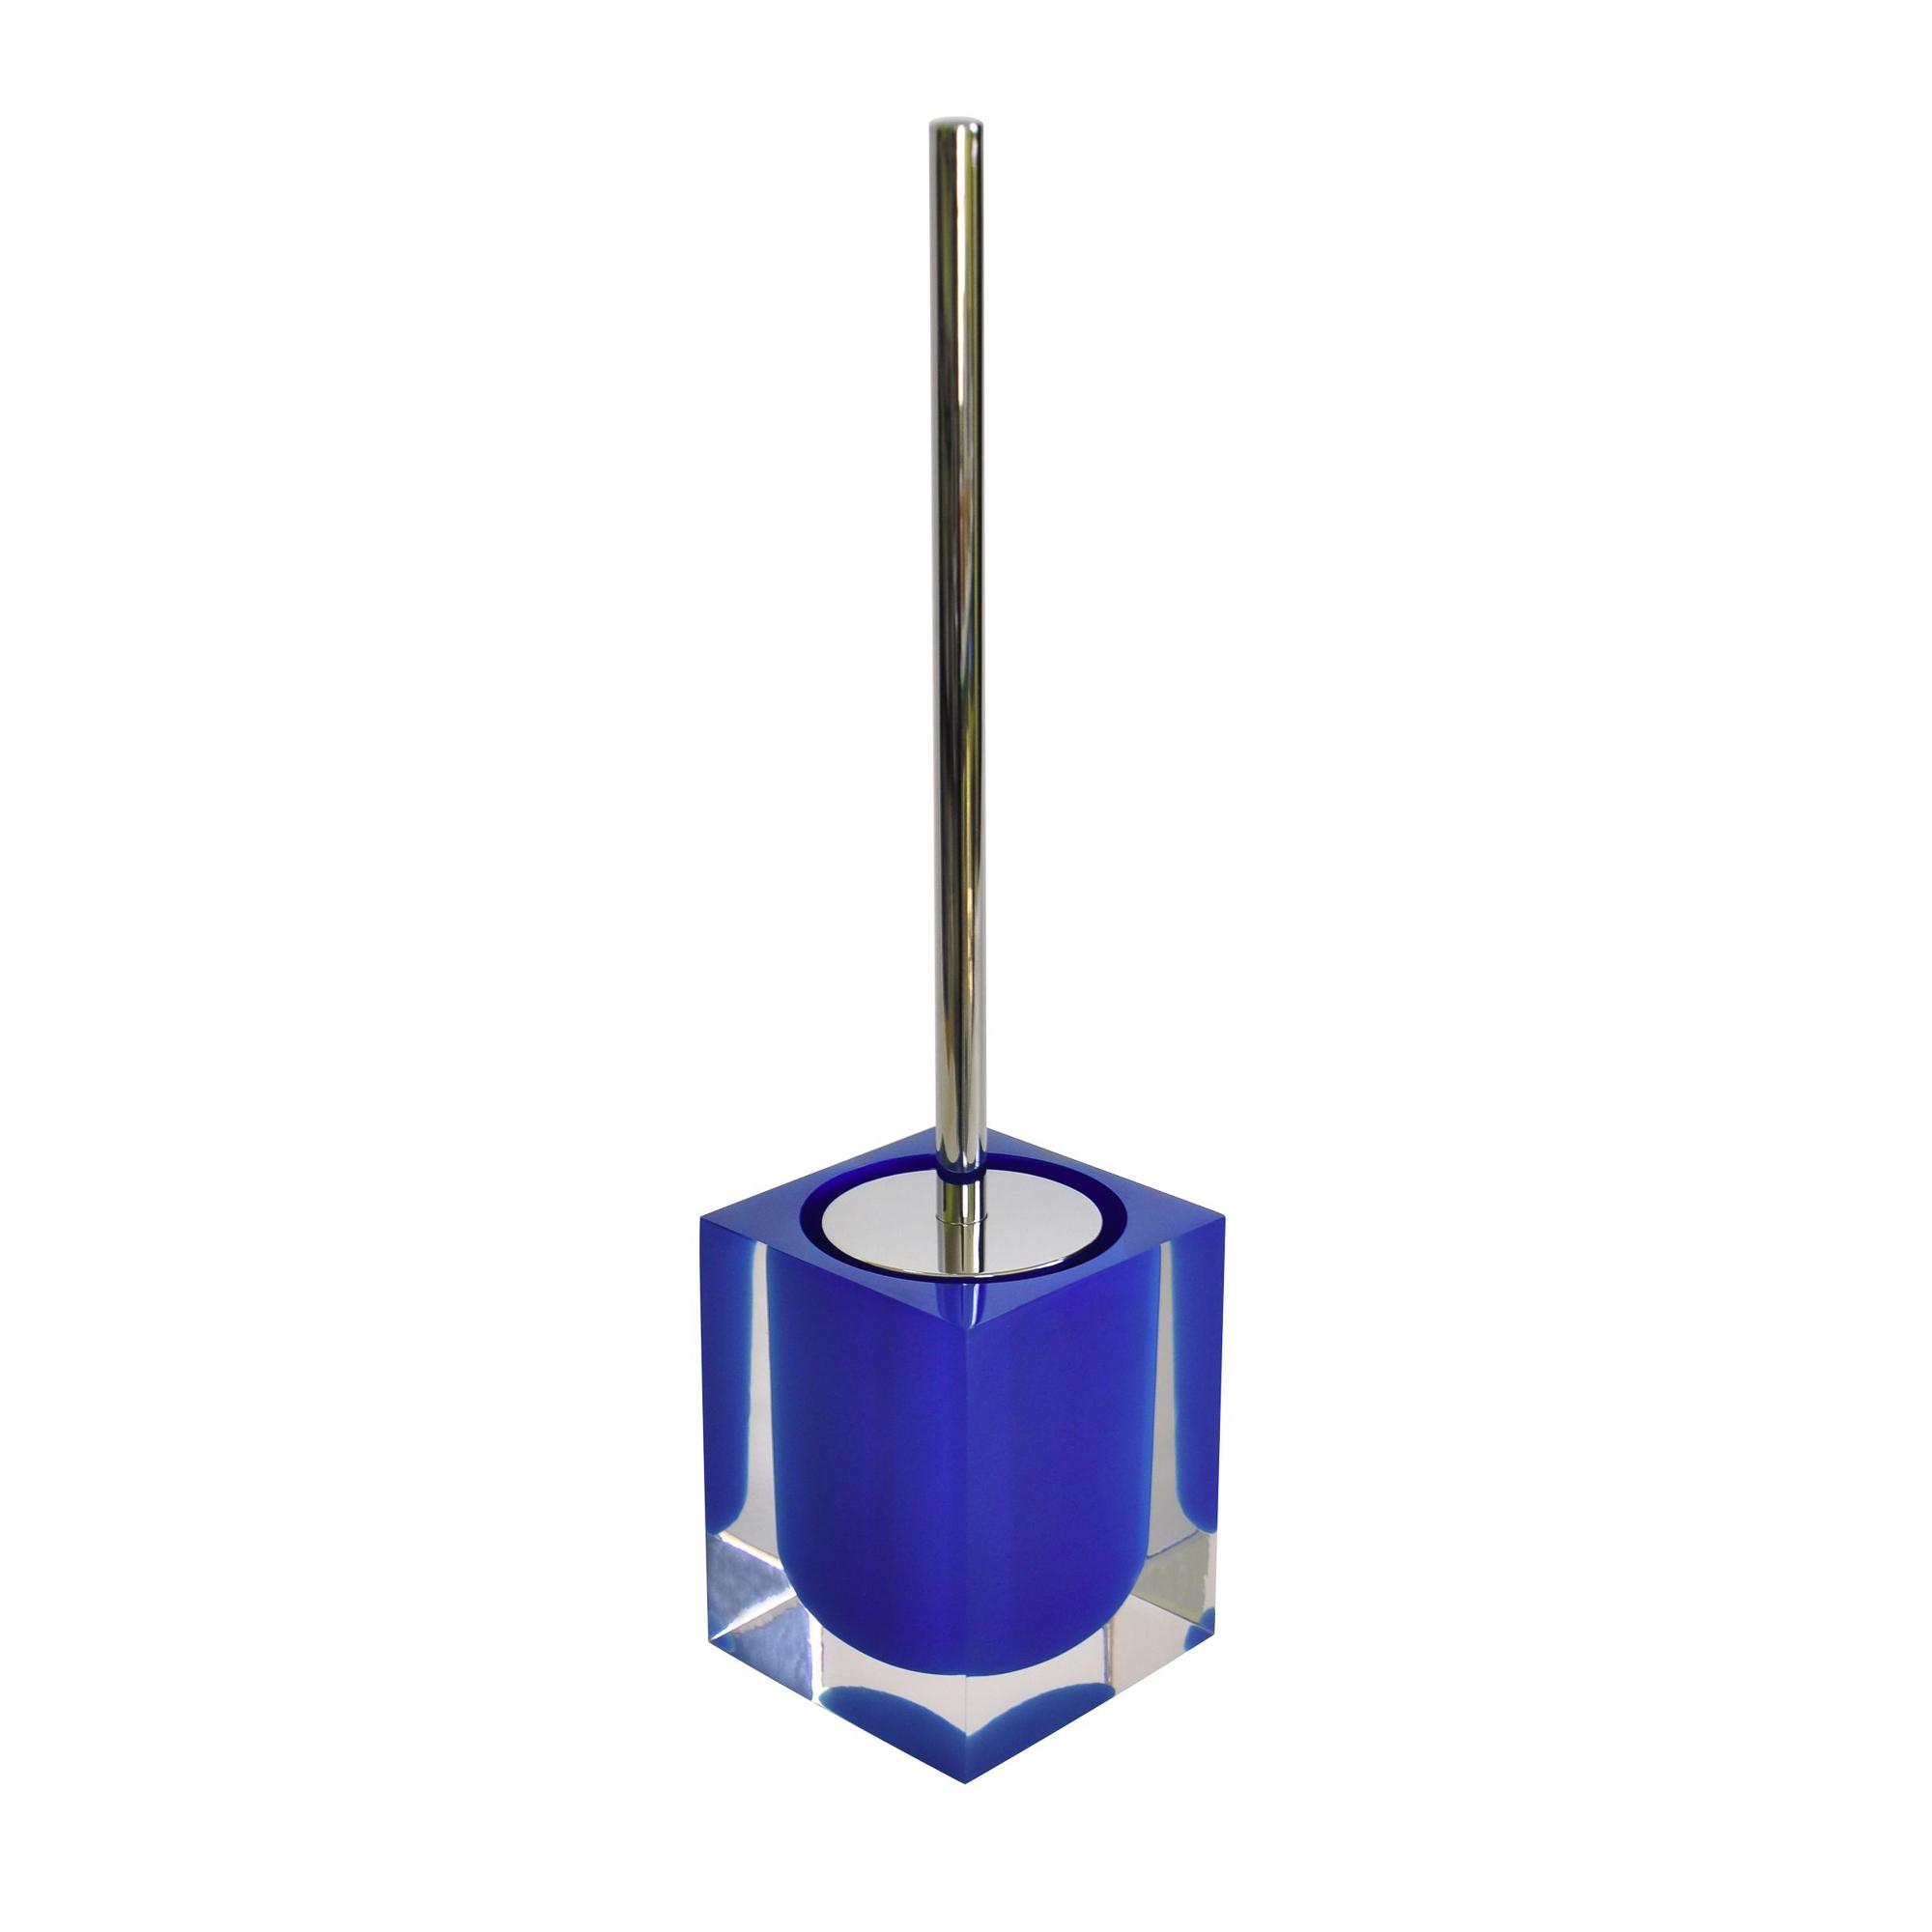 Ёрш для унитаза Colours синий Ridder ершик для унитаза ridder colours 22280402 розовый